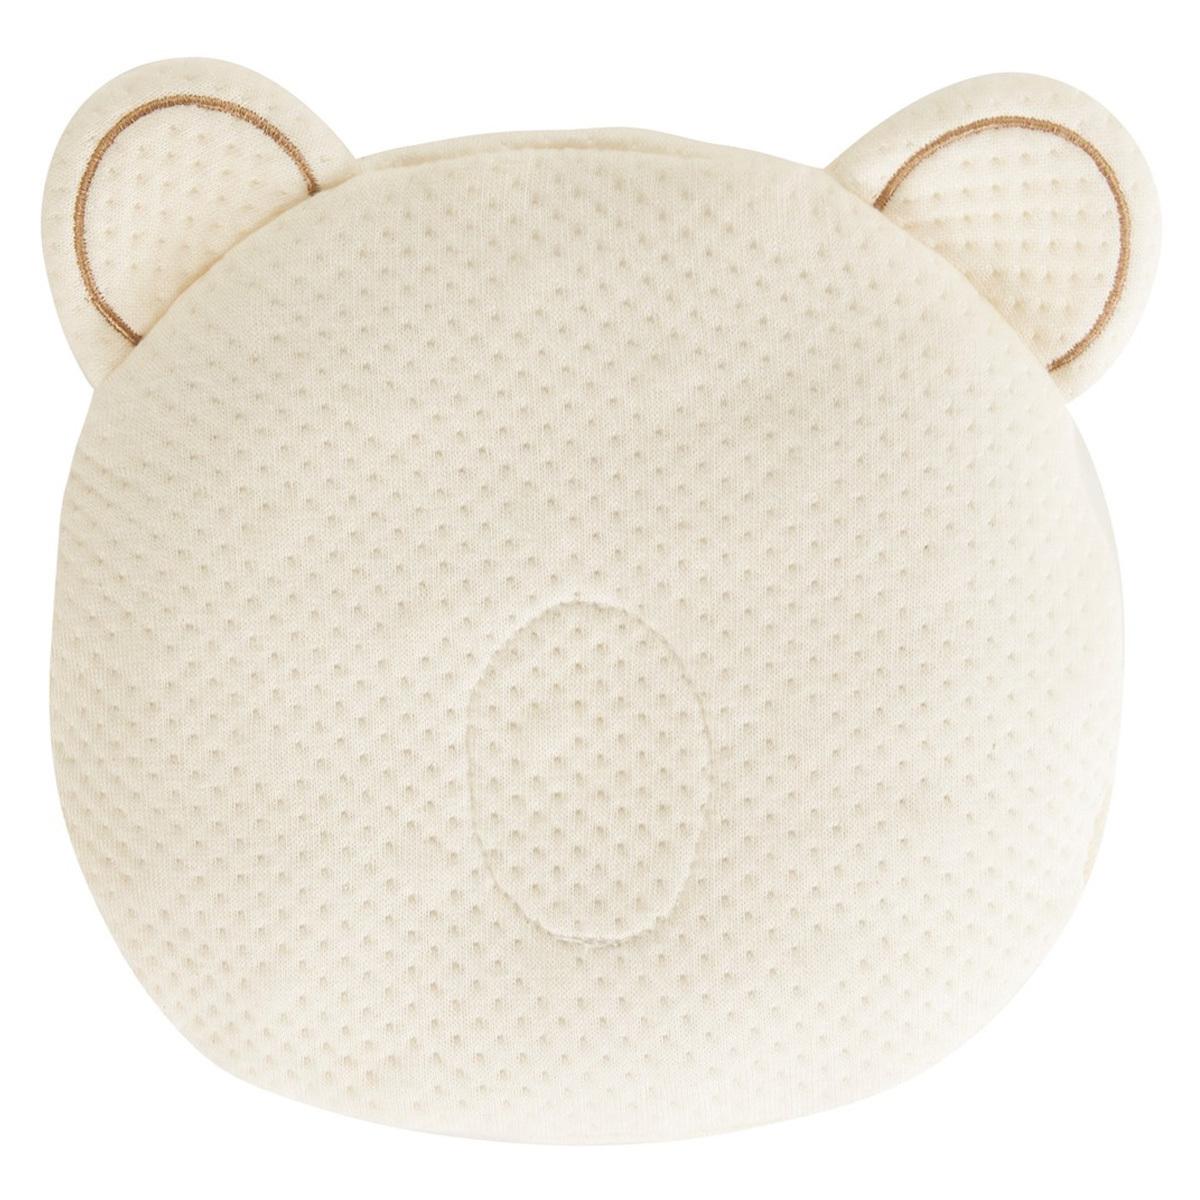 Cale-bébé Cale-bébé P'tit Panda Organic - Ecru Cale-bébé P'tit Panda Organic - Ecru